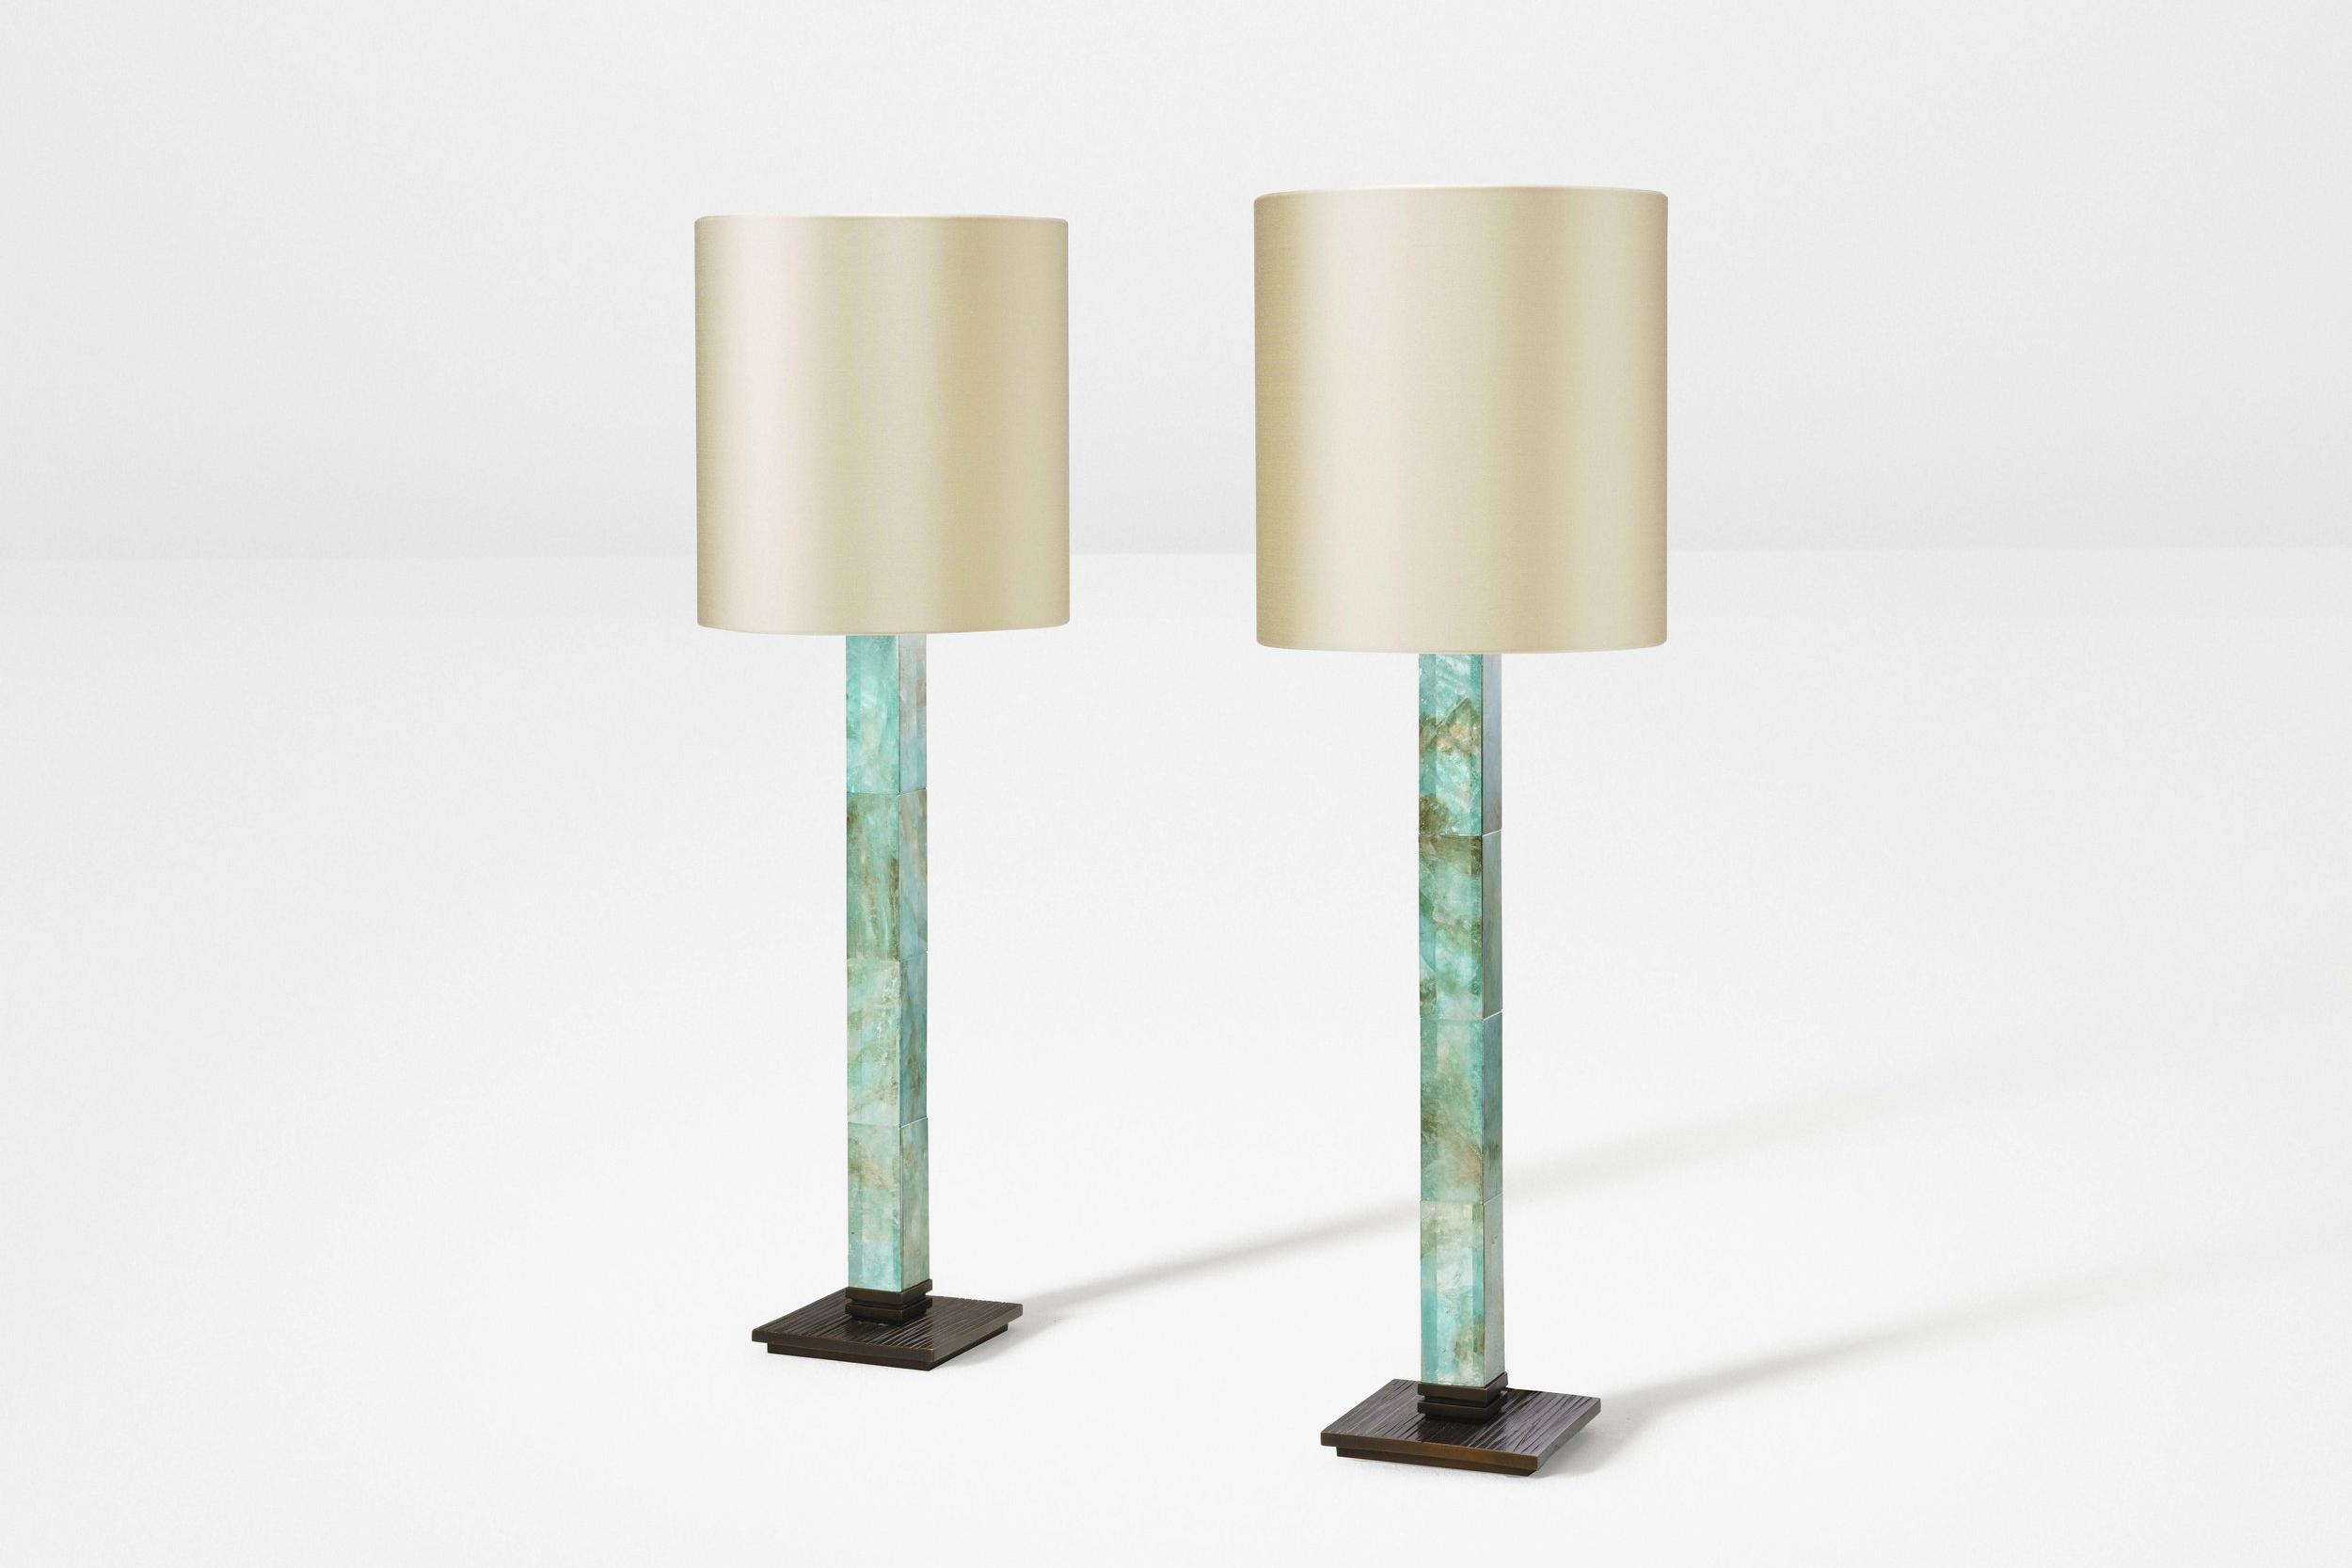 Sabine candle lamp - pair-LOW-RES rev01.jpg